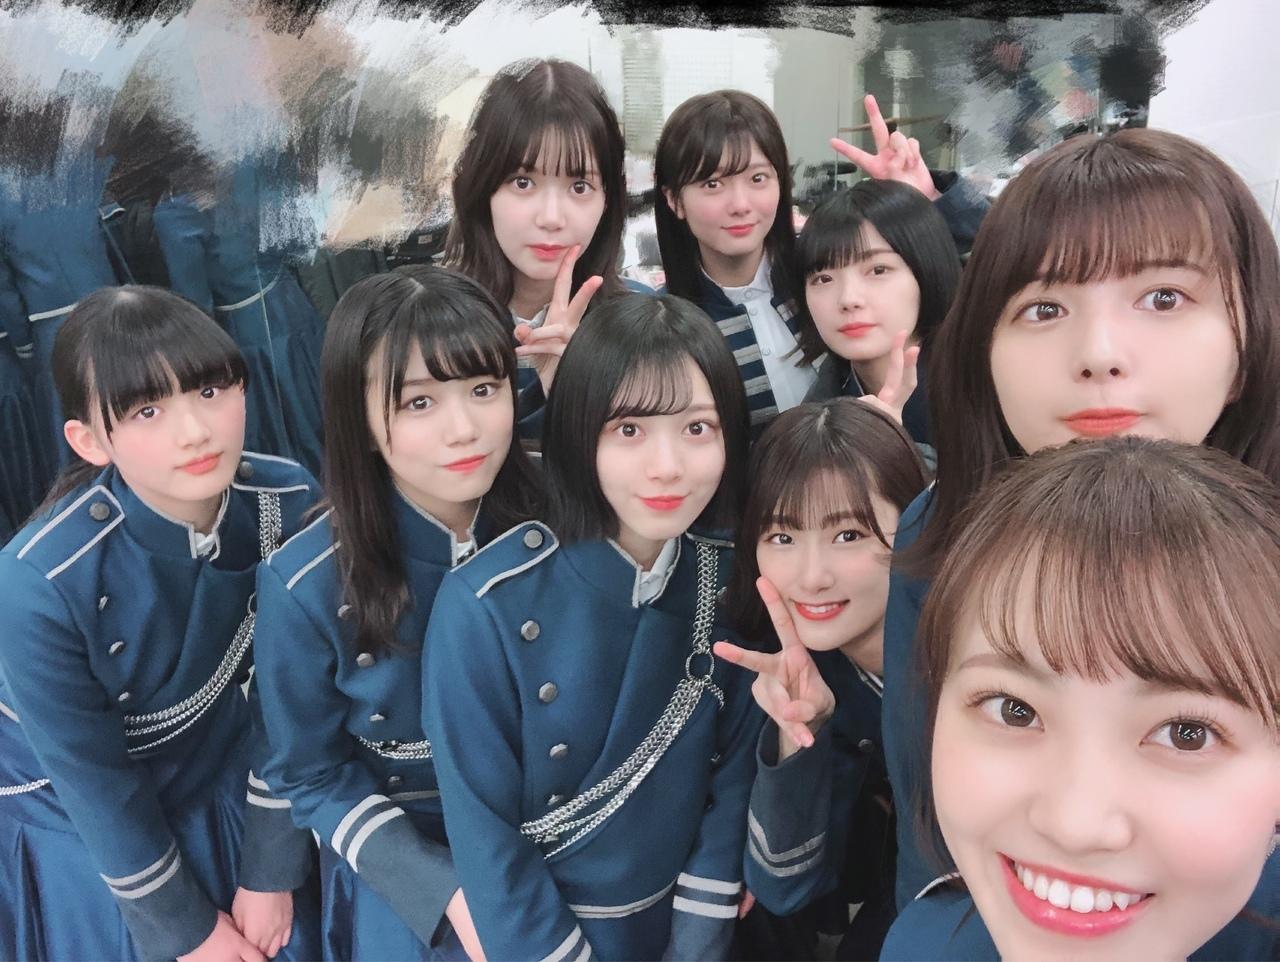 関 有美子 公式ブログ 欅坂46公式サイト